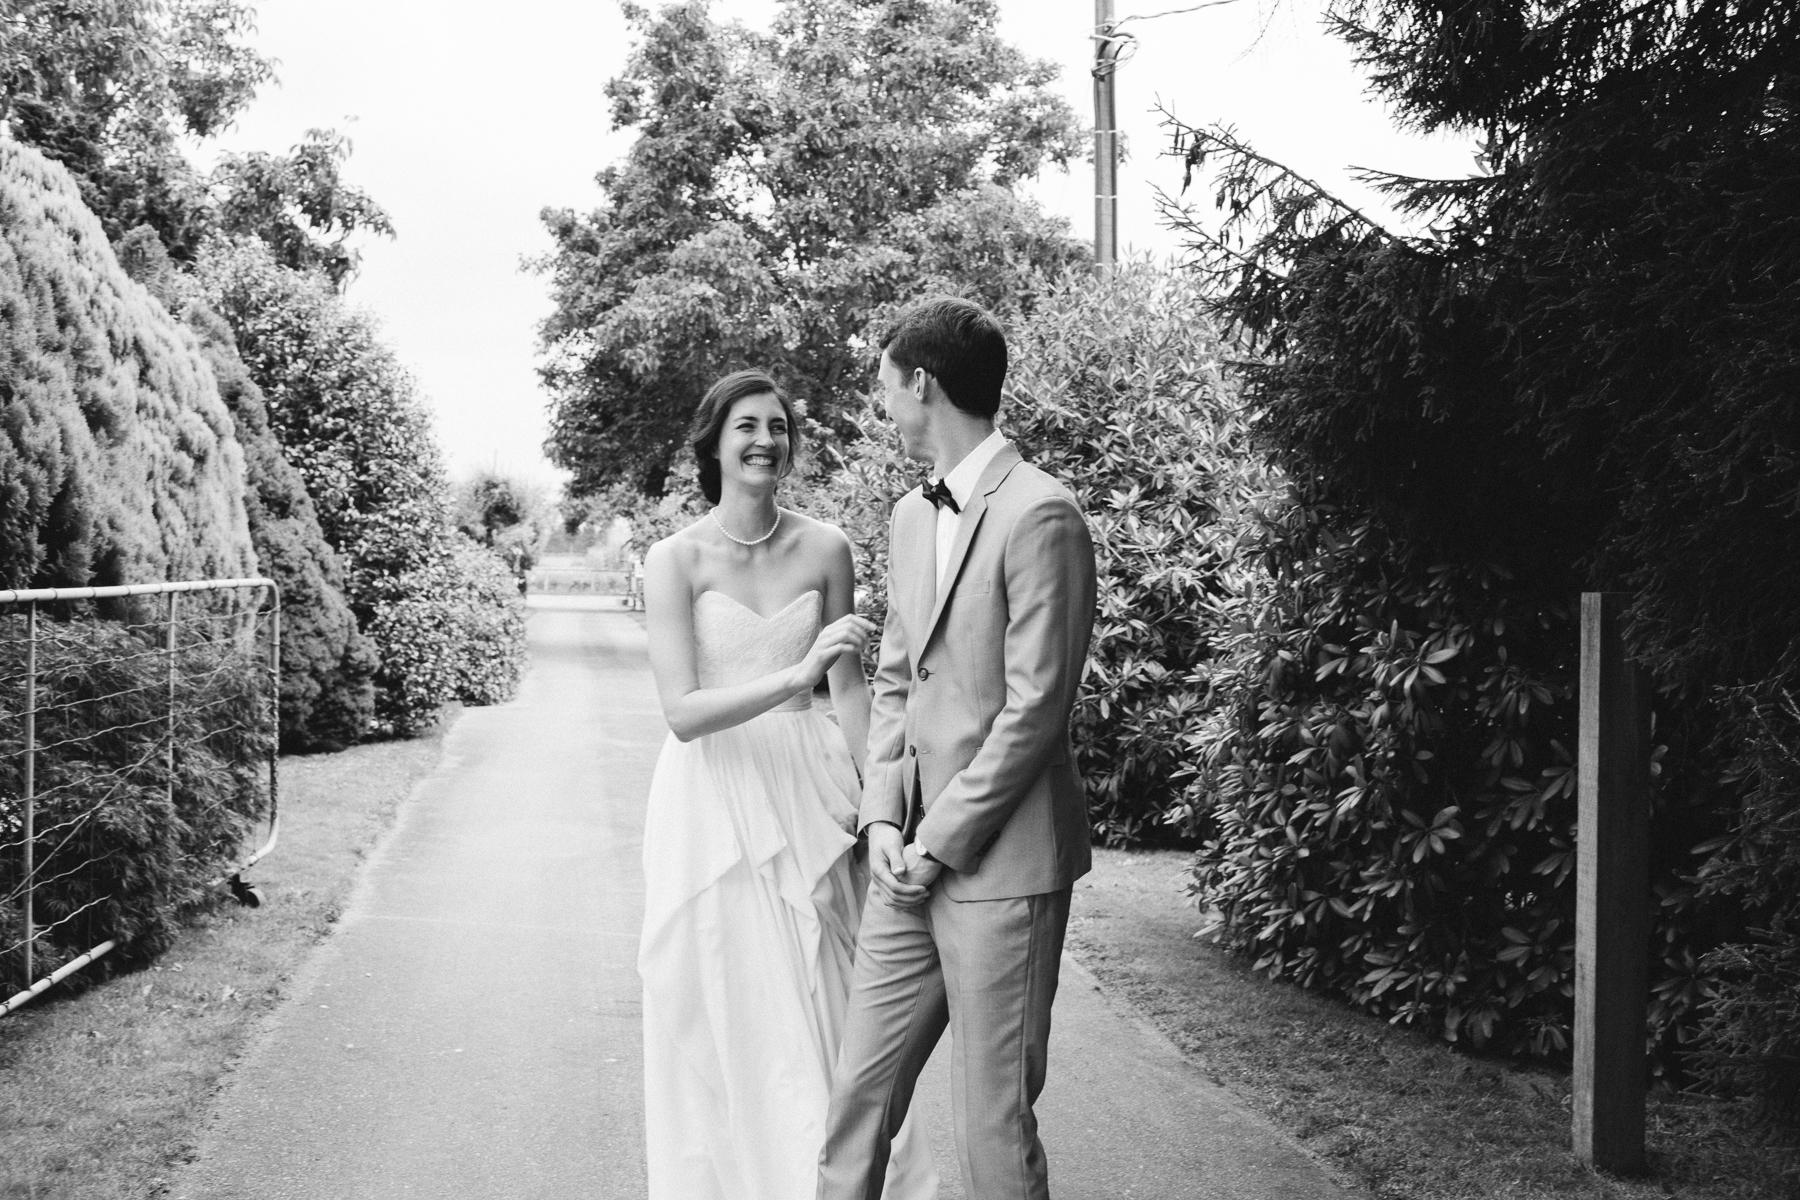 Vancouver-Rustic-Farm-Wedding-KB-042.jpg